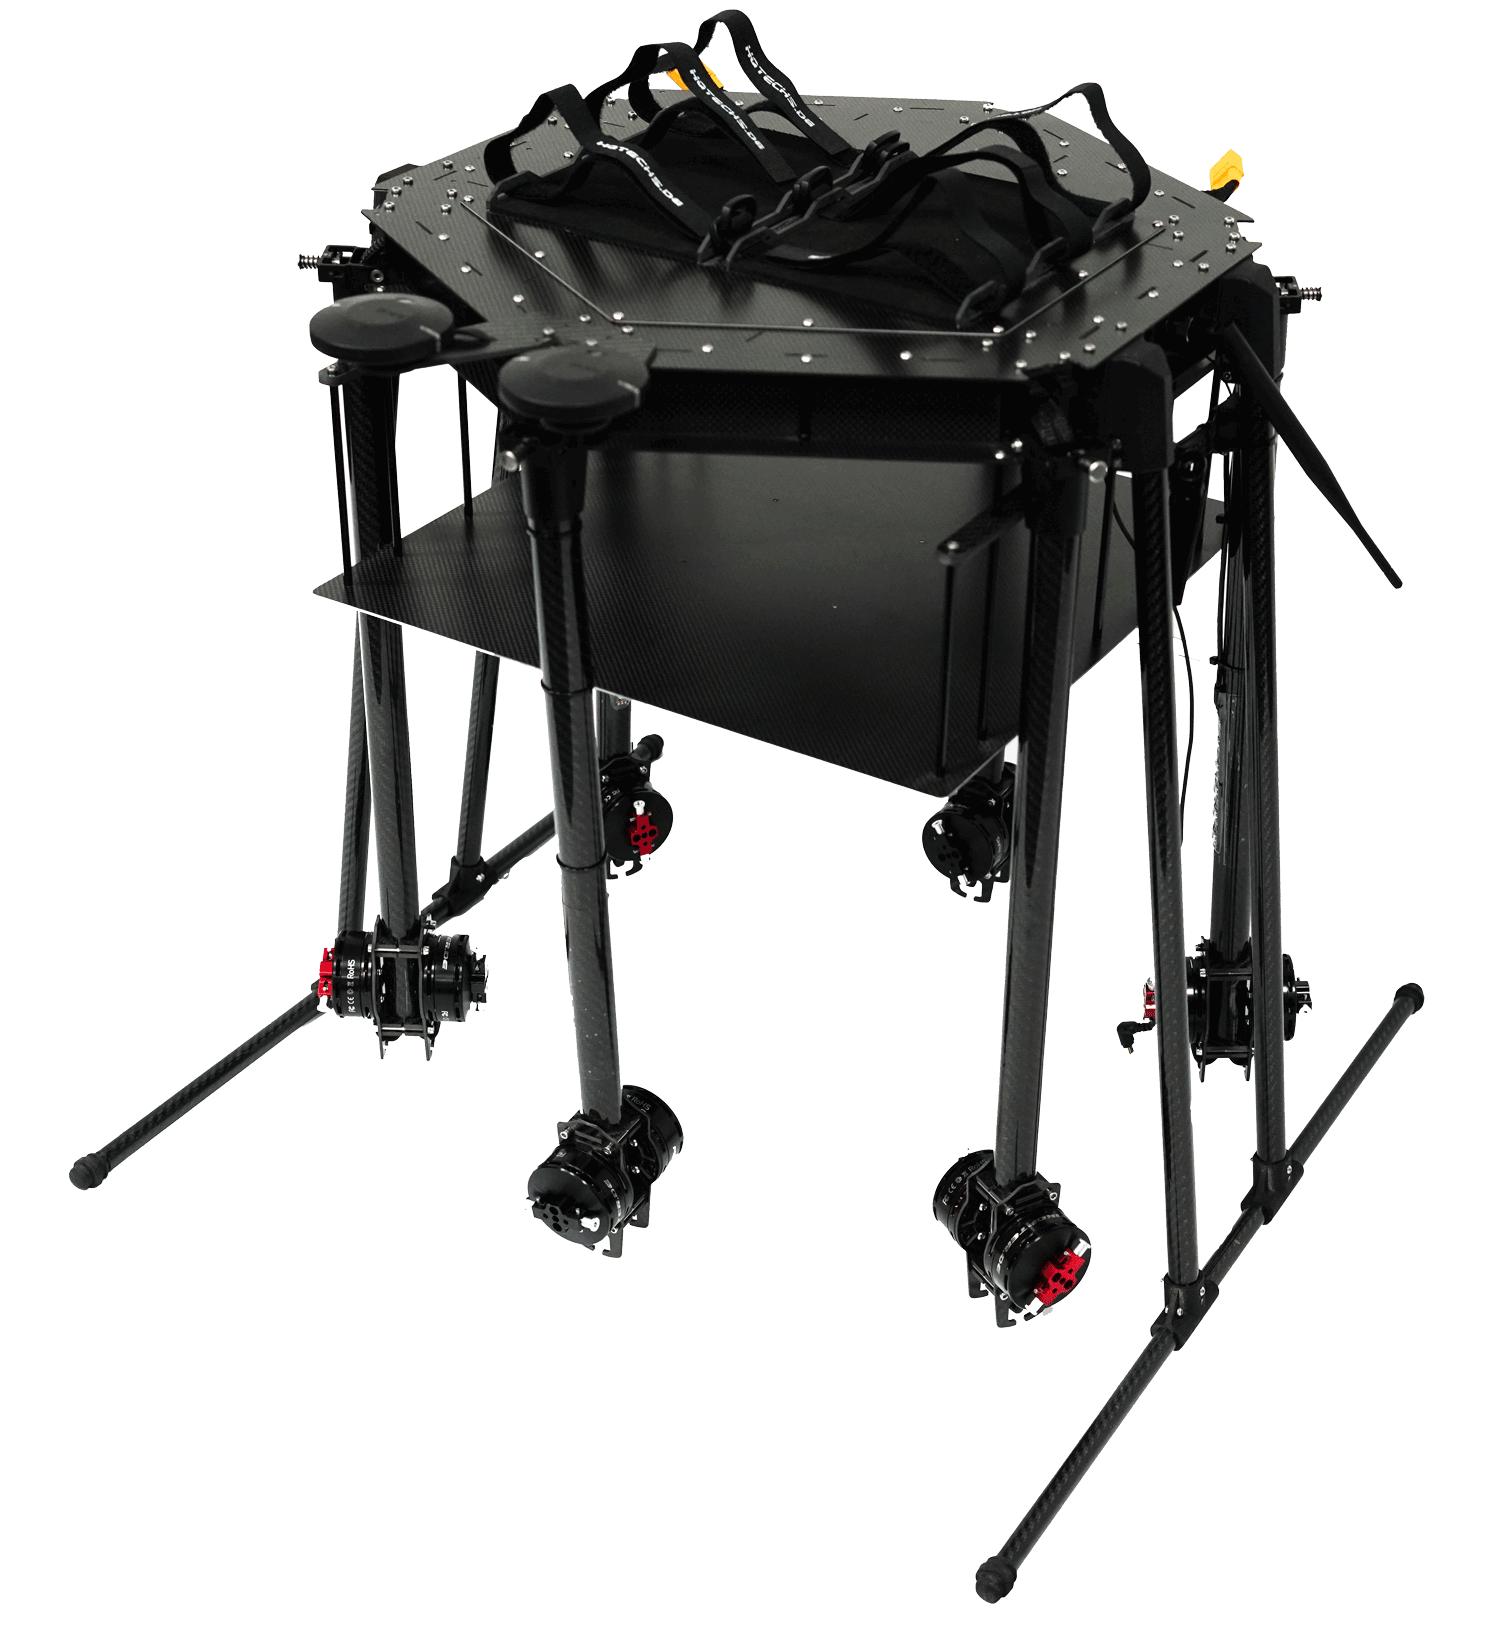 Drohne mit bis zu 7,5kg Nutzlast für Transport und Forschung